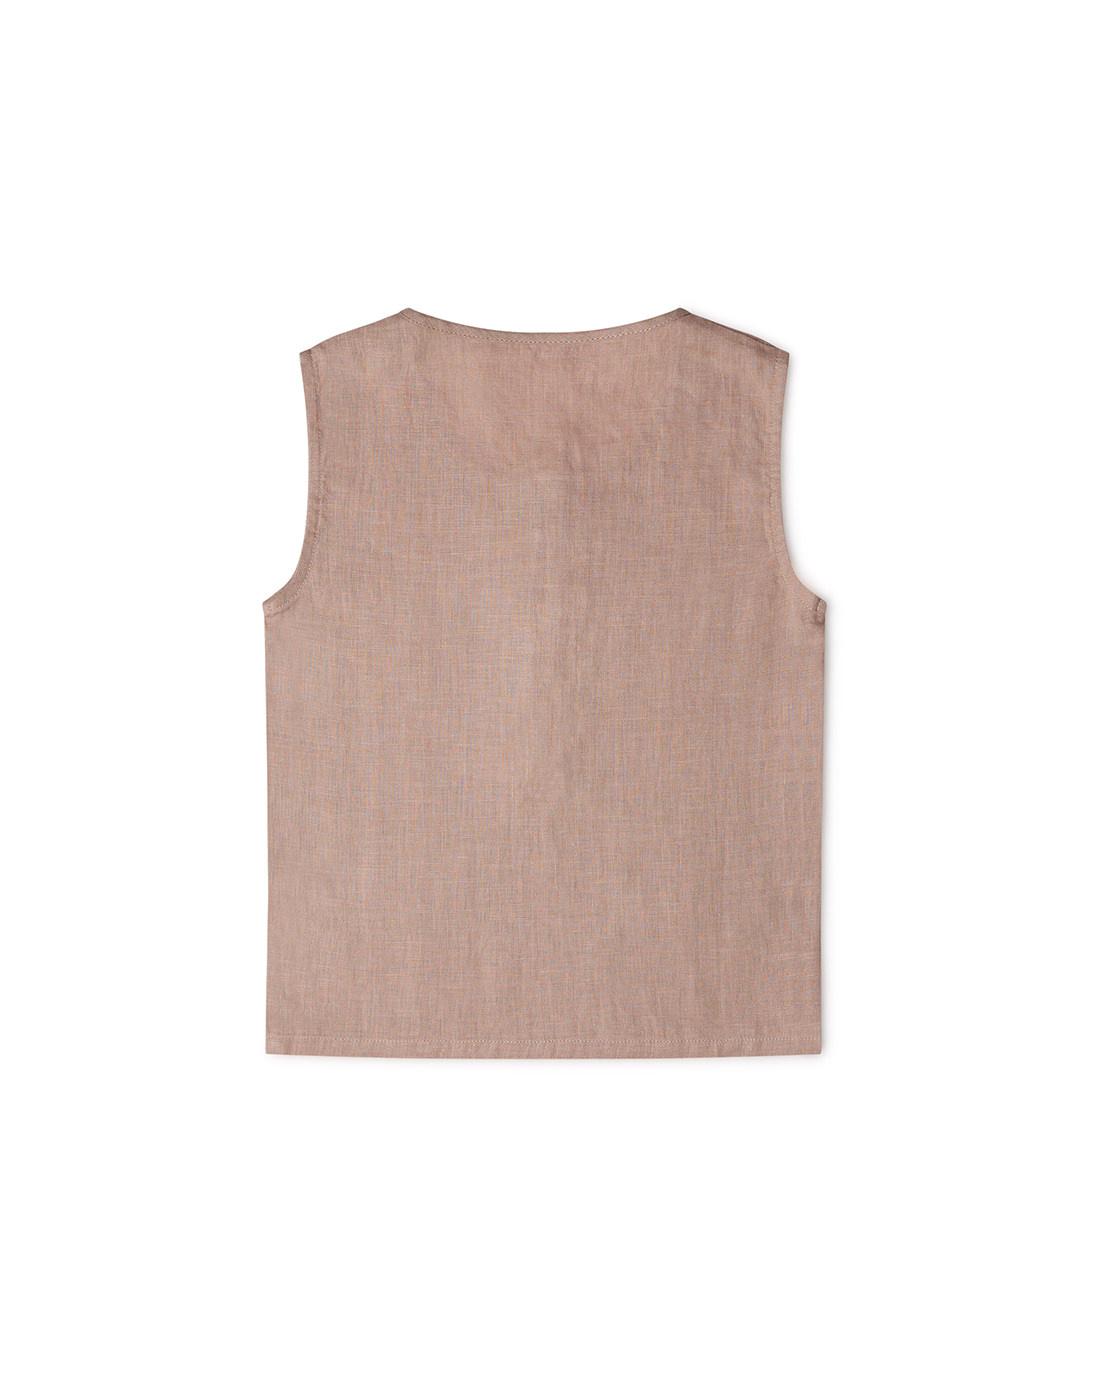 Matona - linnen tantkop FAWN - 100% linnen - oud roze - 1 tm 6 jaar